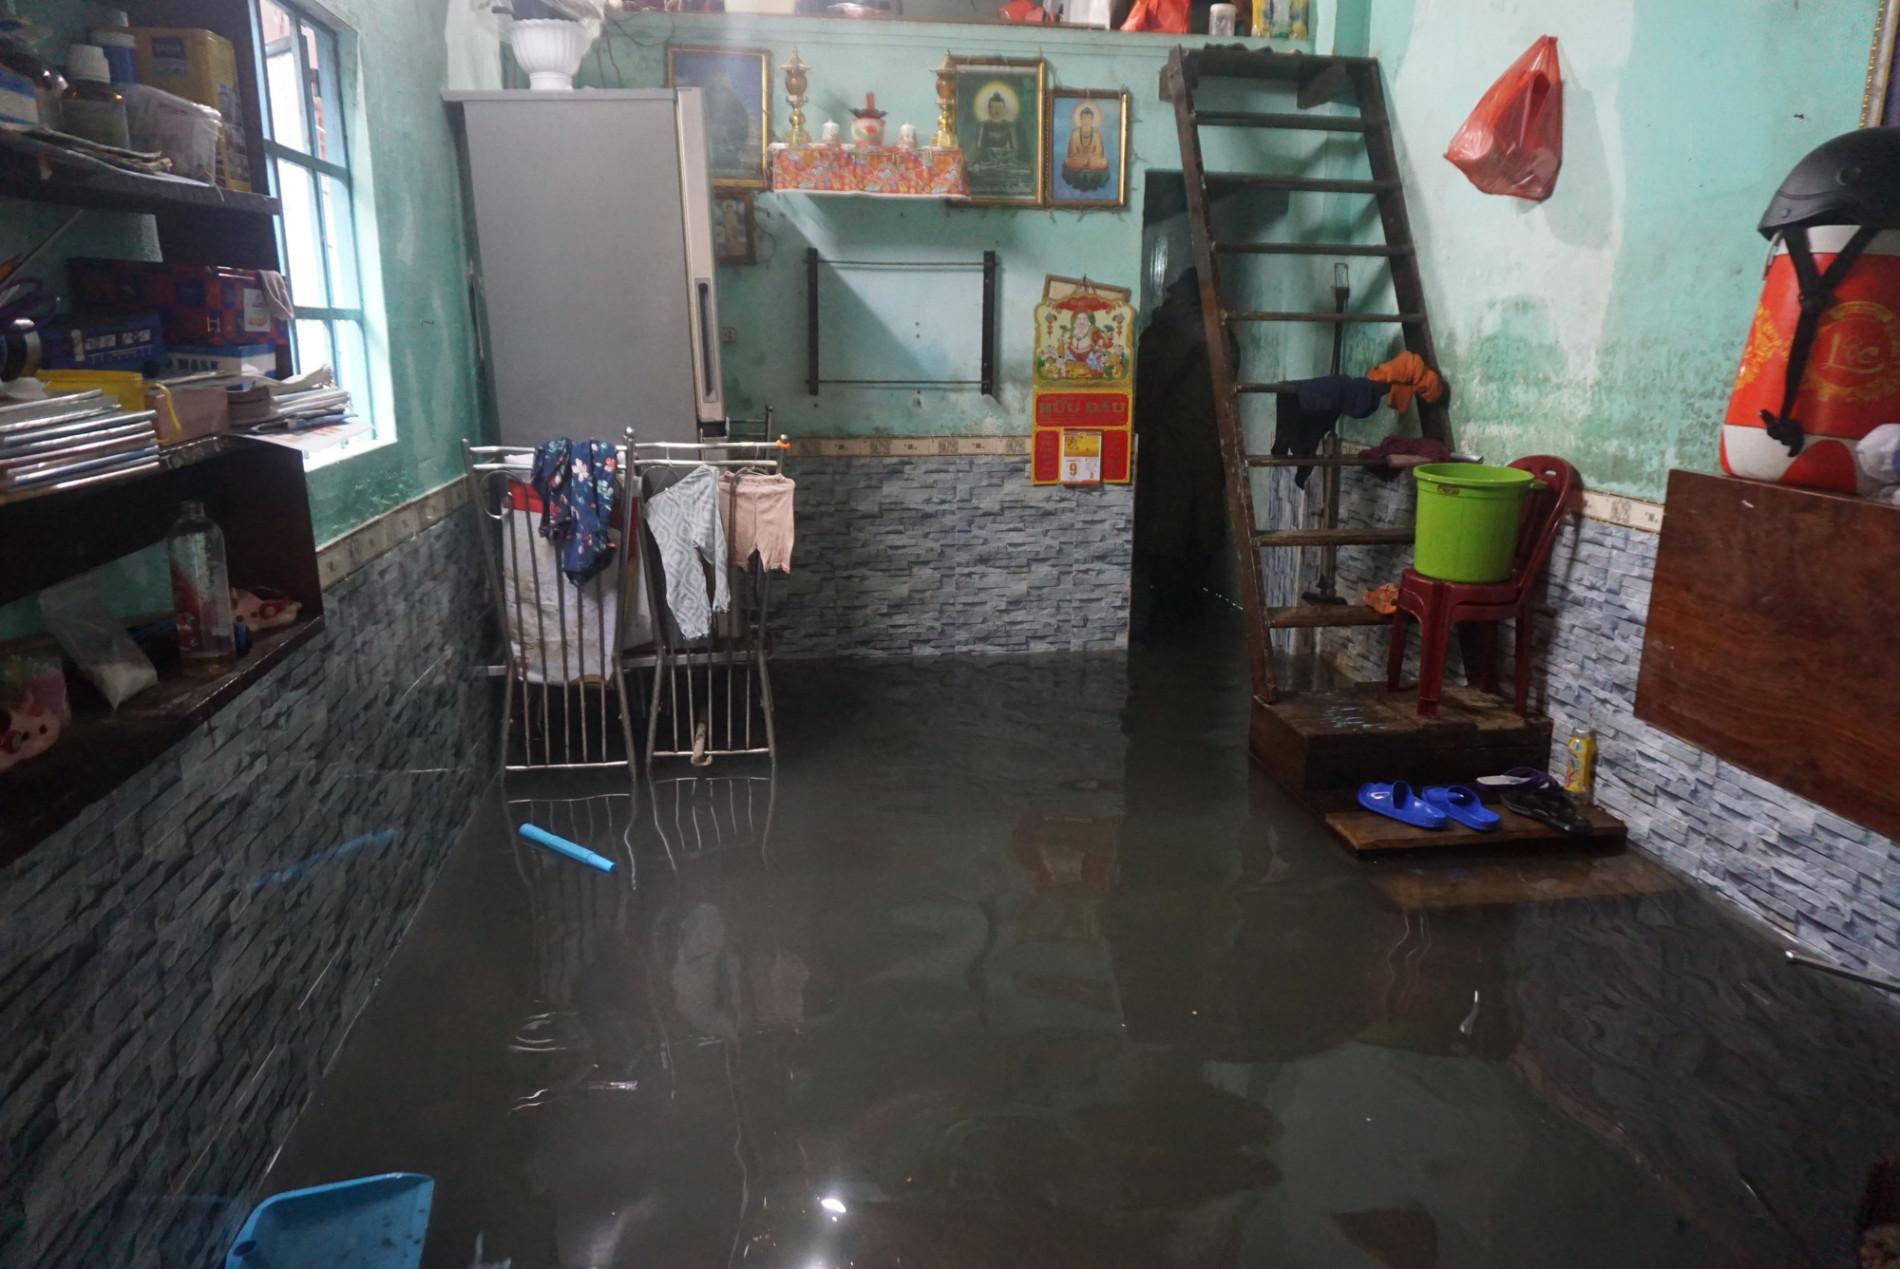 Đà Nẵng: Khu dân cư ngập sâu, nhiều người phải bồng con đi gửi nhờ - Ảnh 15.